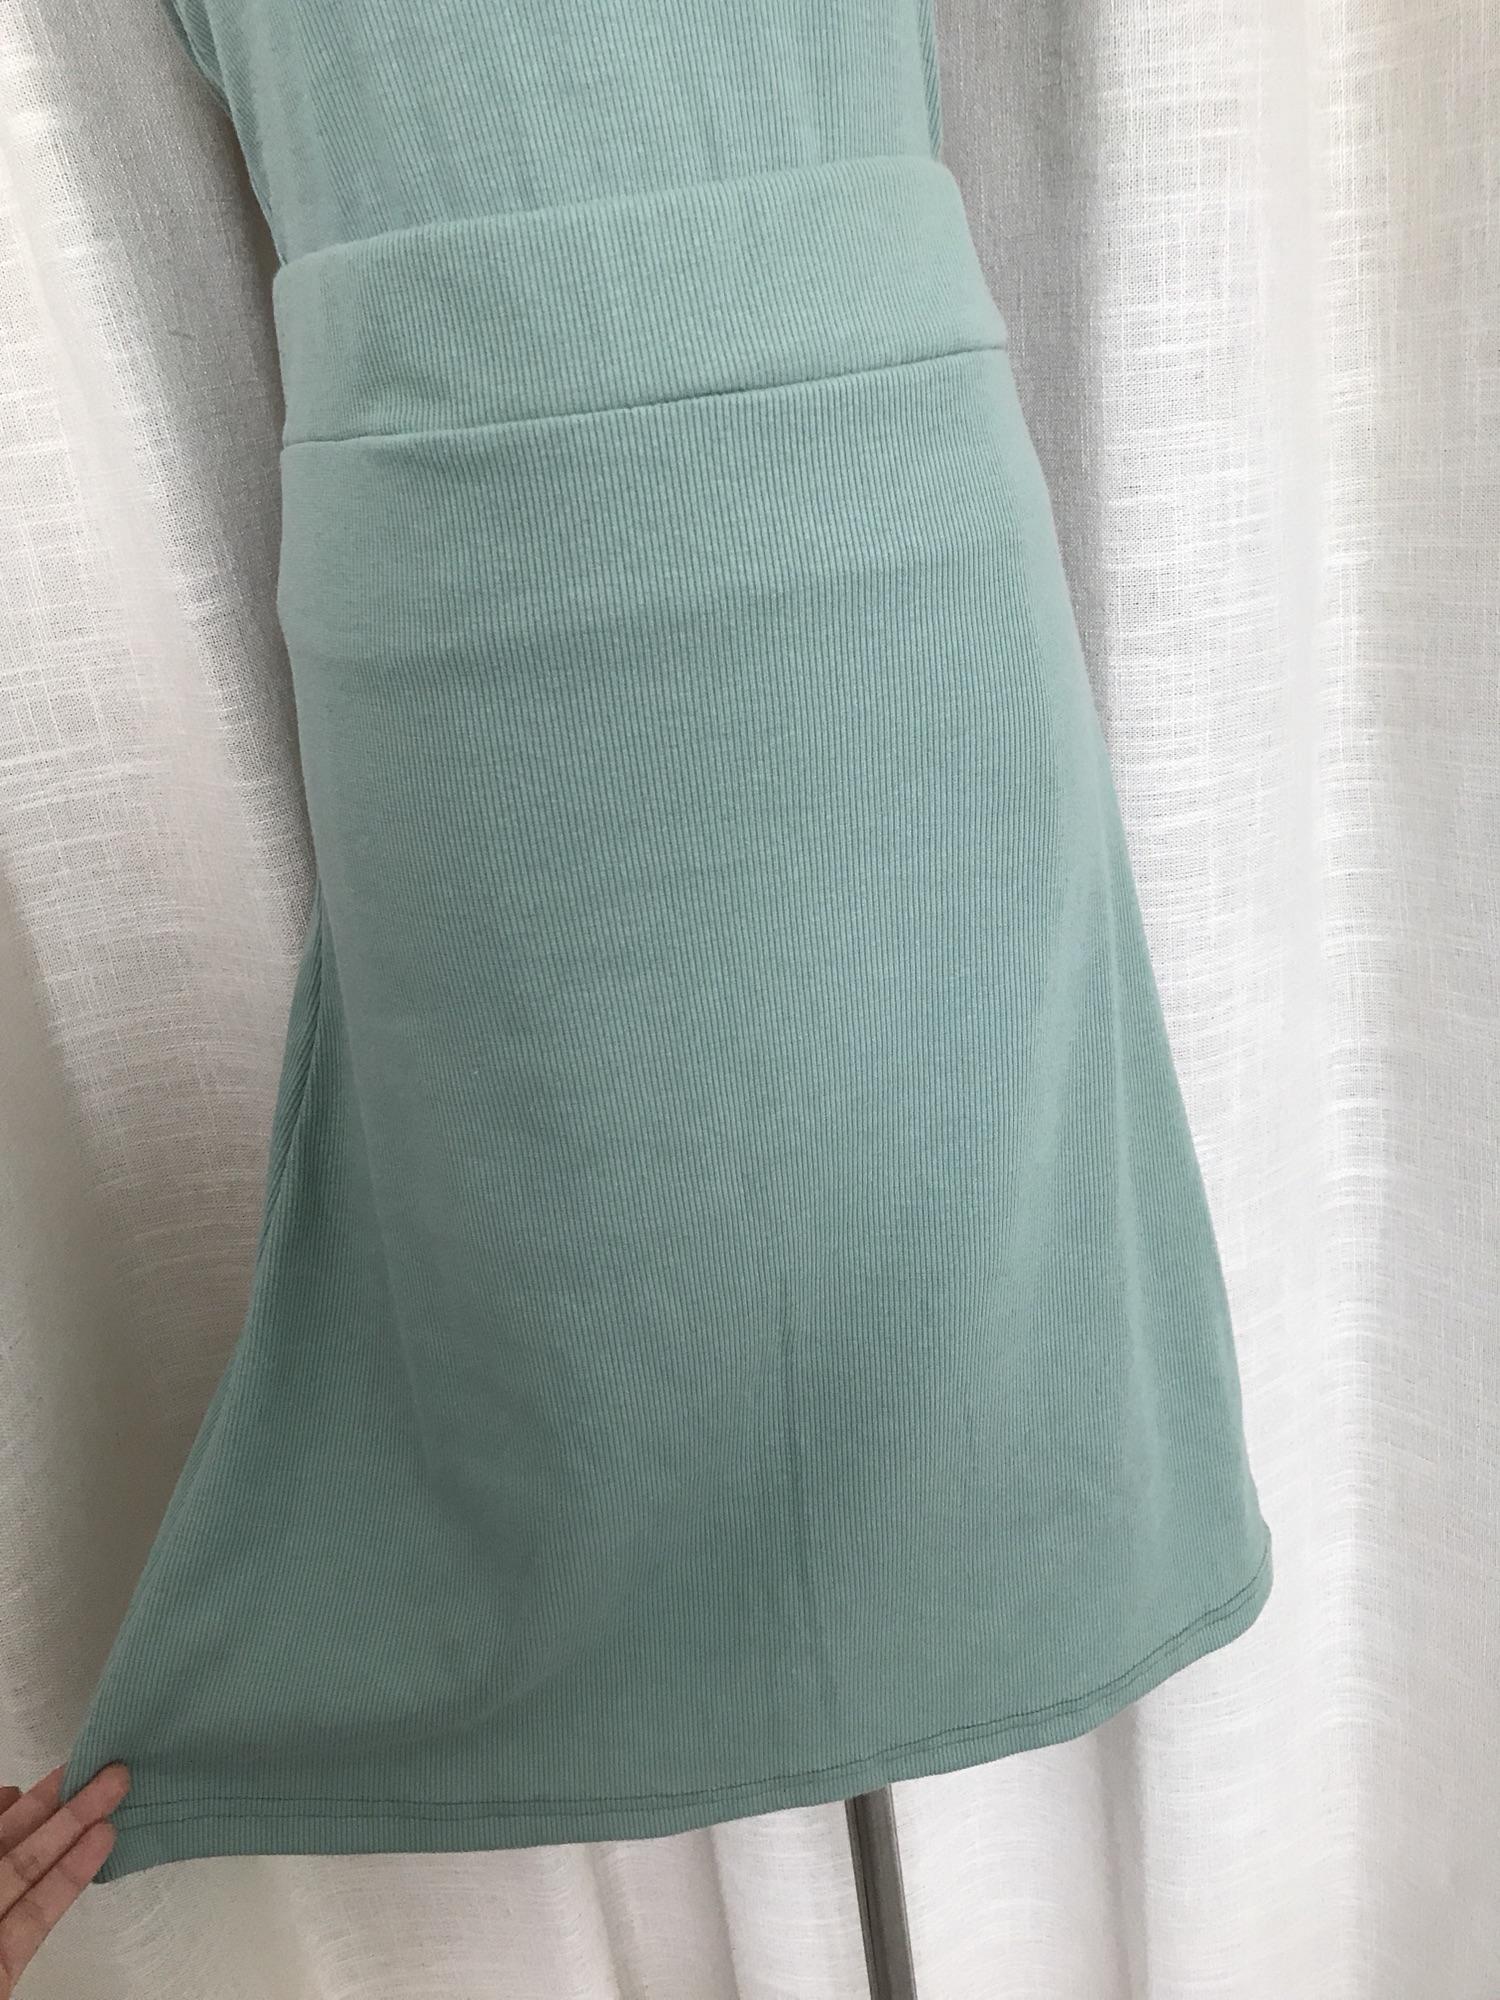 晚时光 晚晚风高腰半身A字裙 复古绿色螺纹半身裙